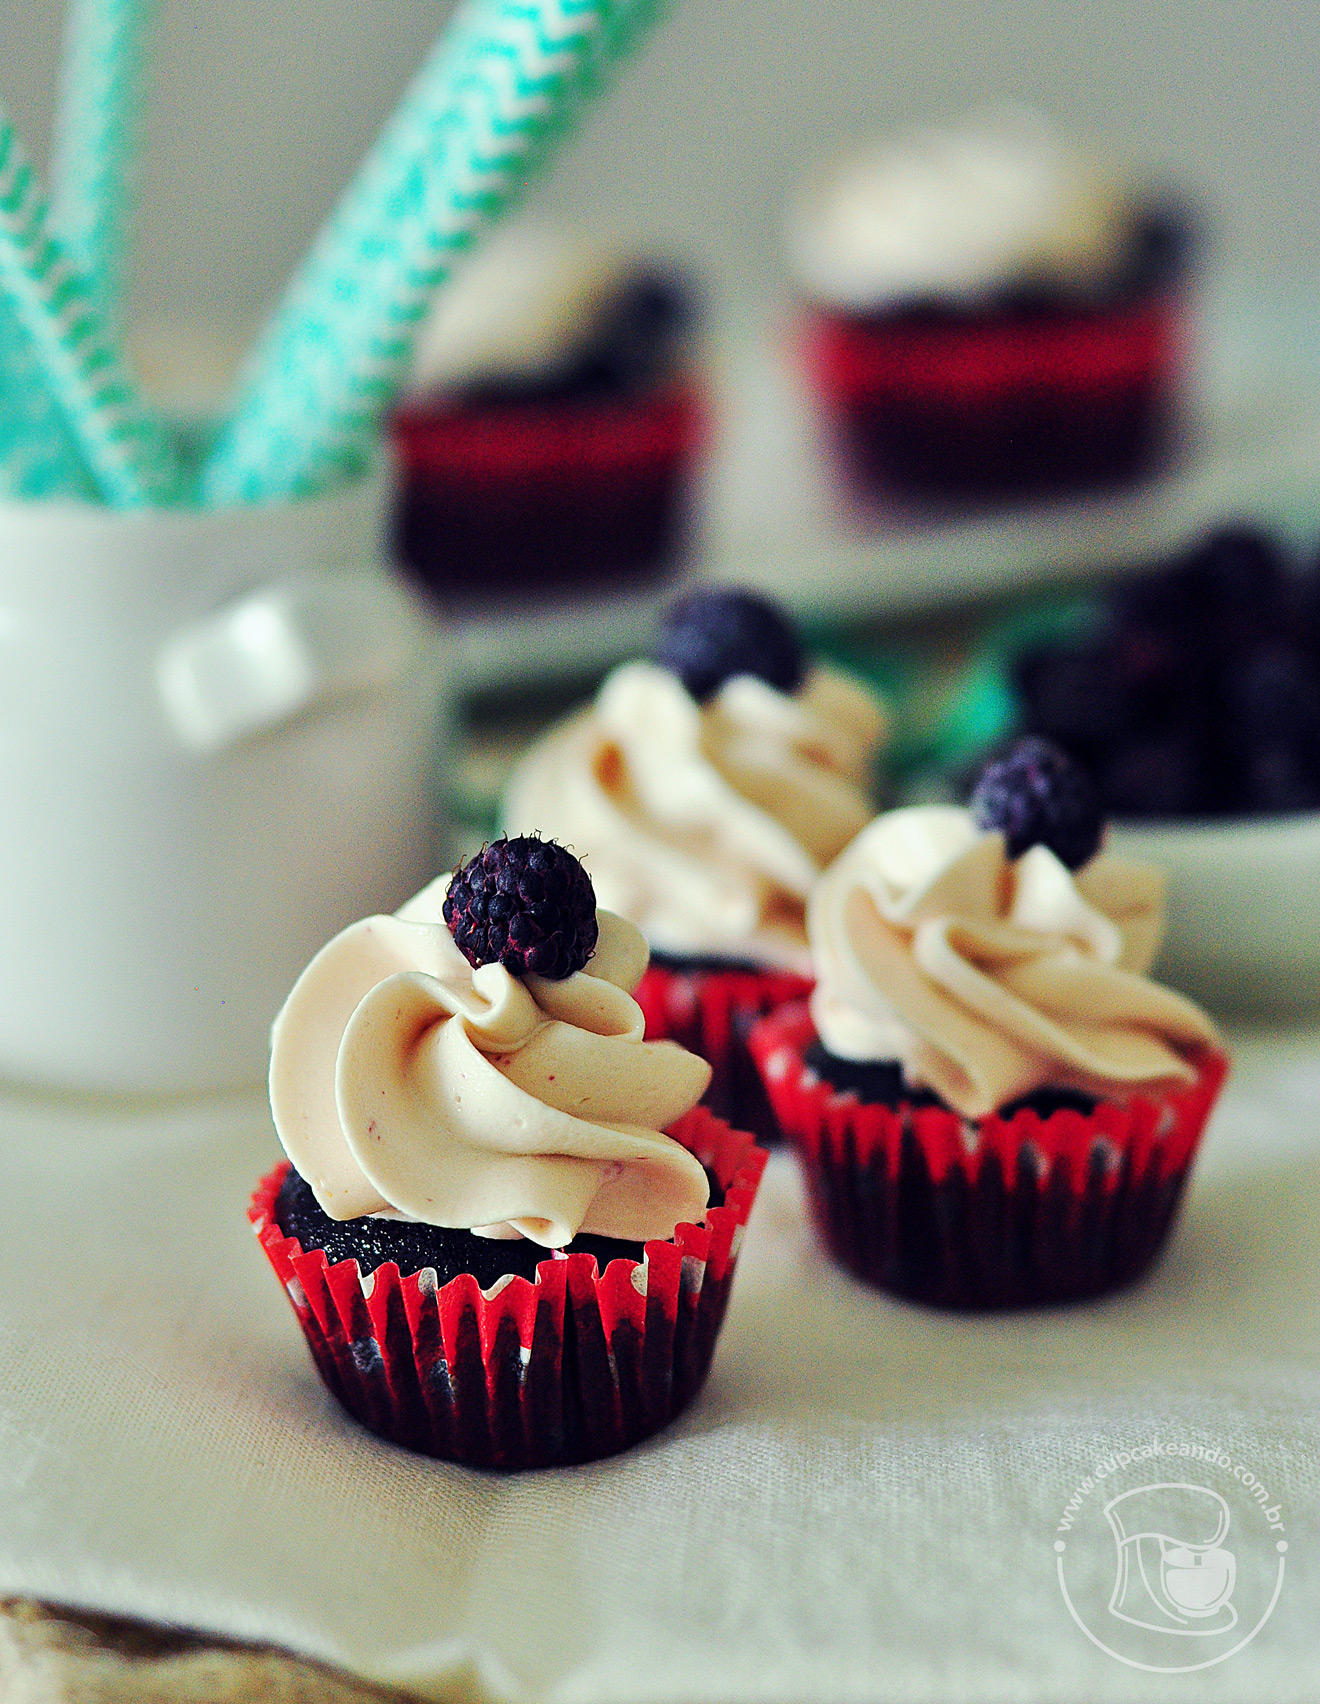 Cupcakes de chocolate com recheio de creme ou curd de framboesas pretas